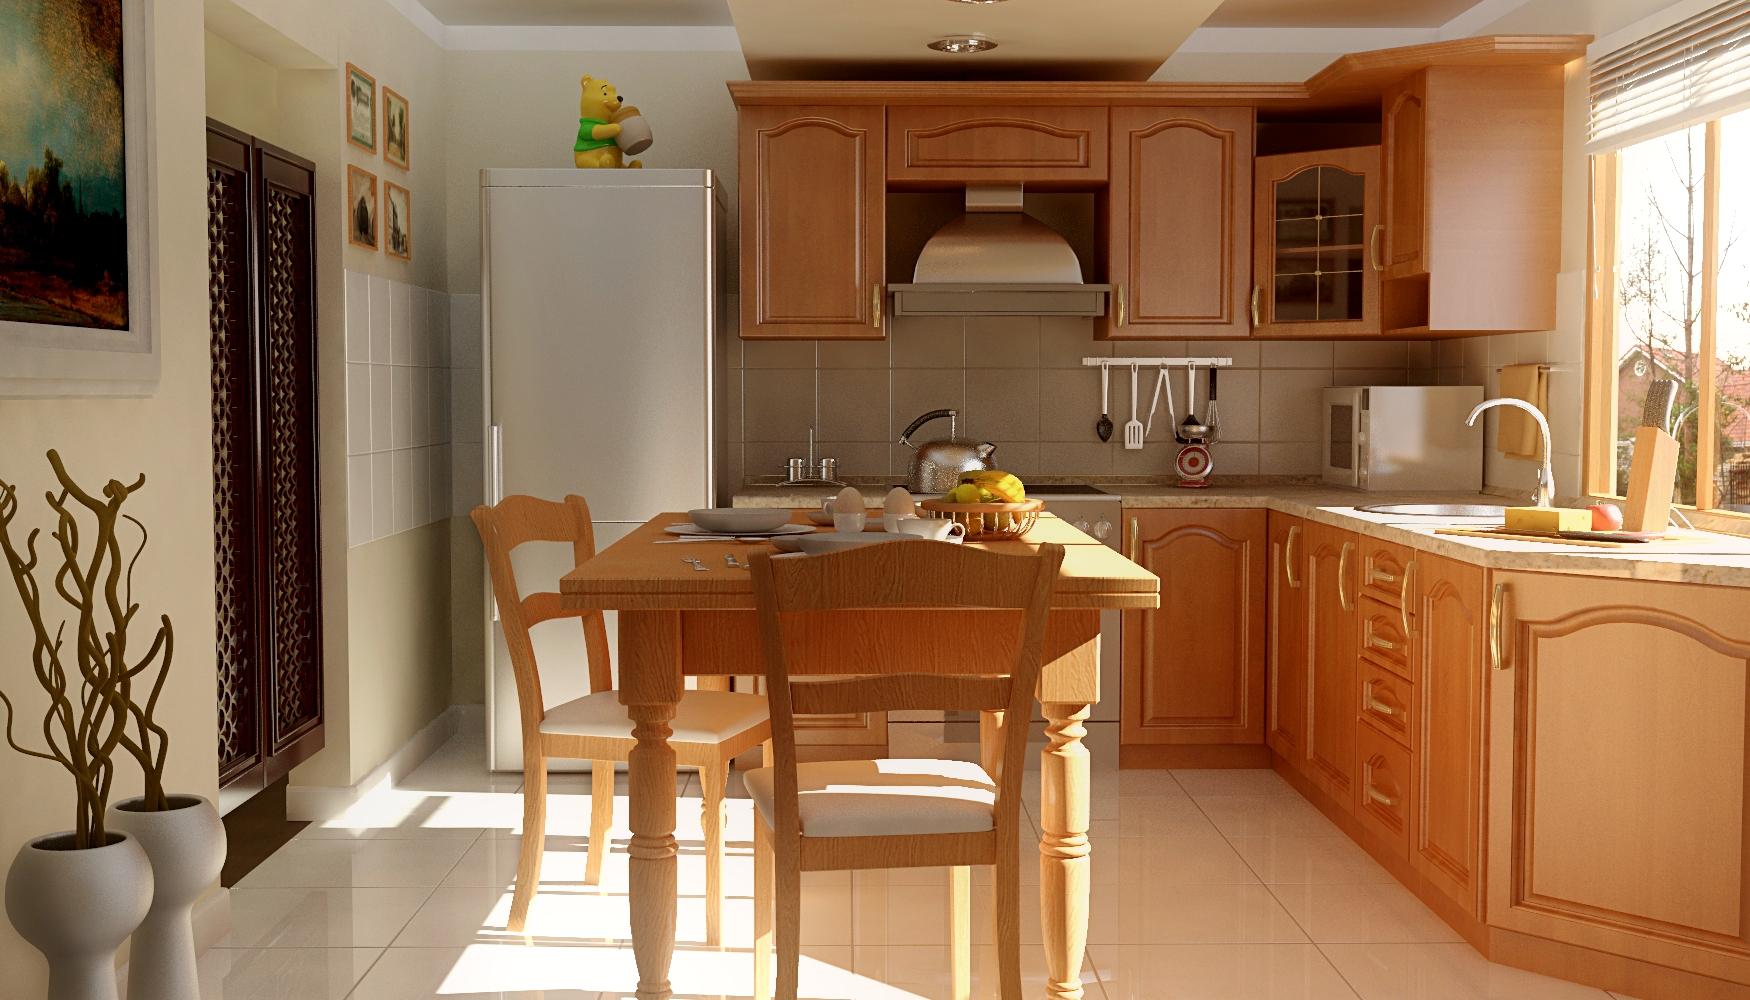 Cocina con puerta vaiven - Puertas de cocina ...